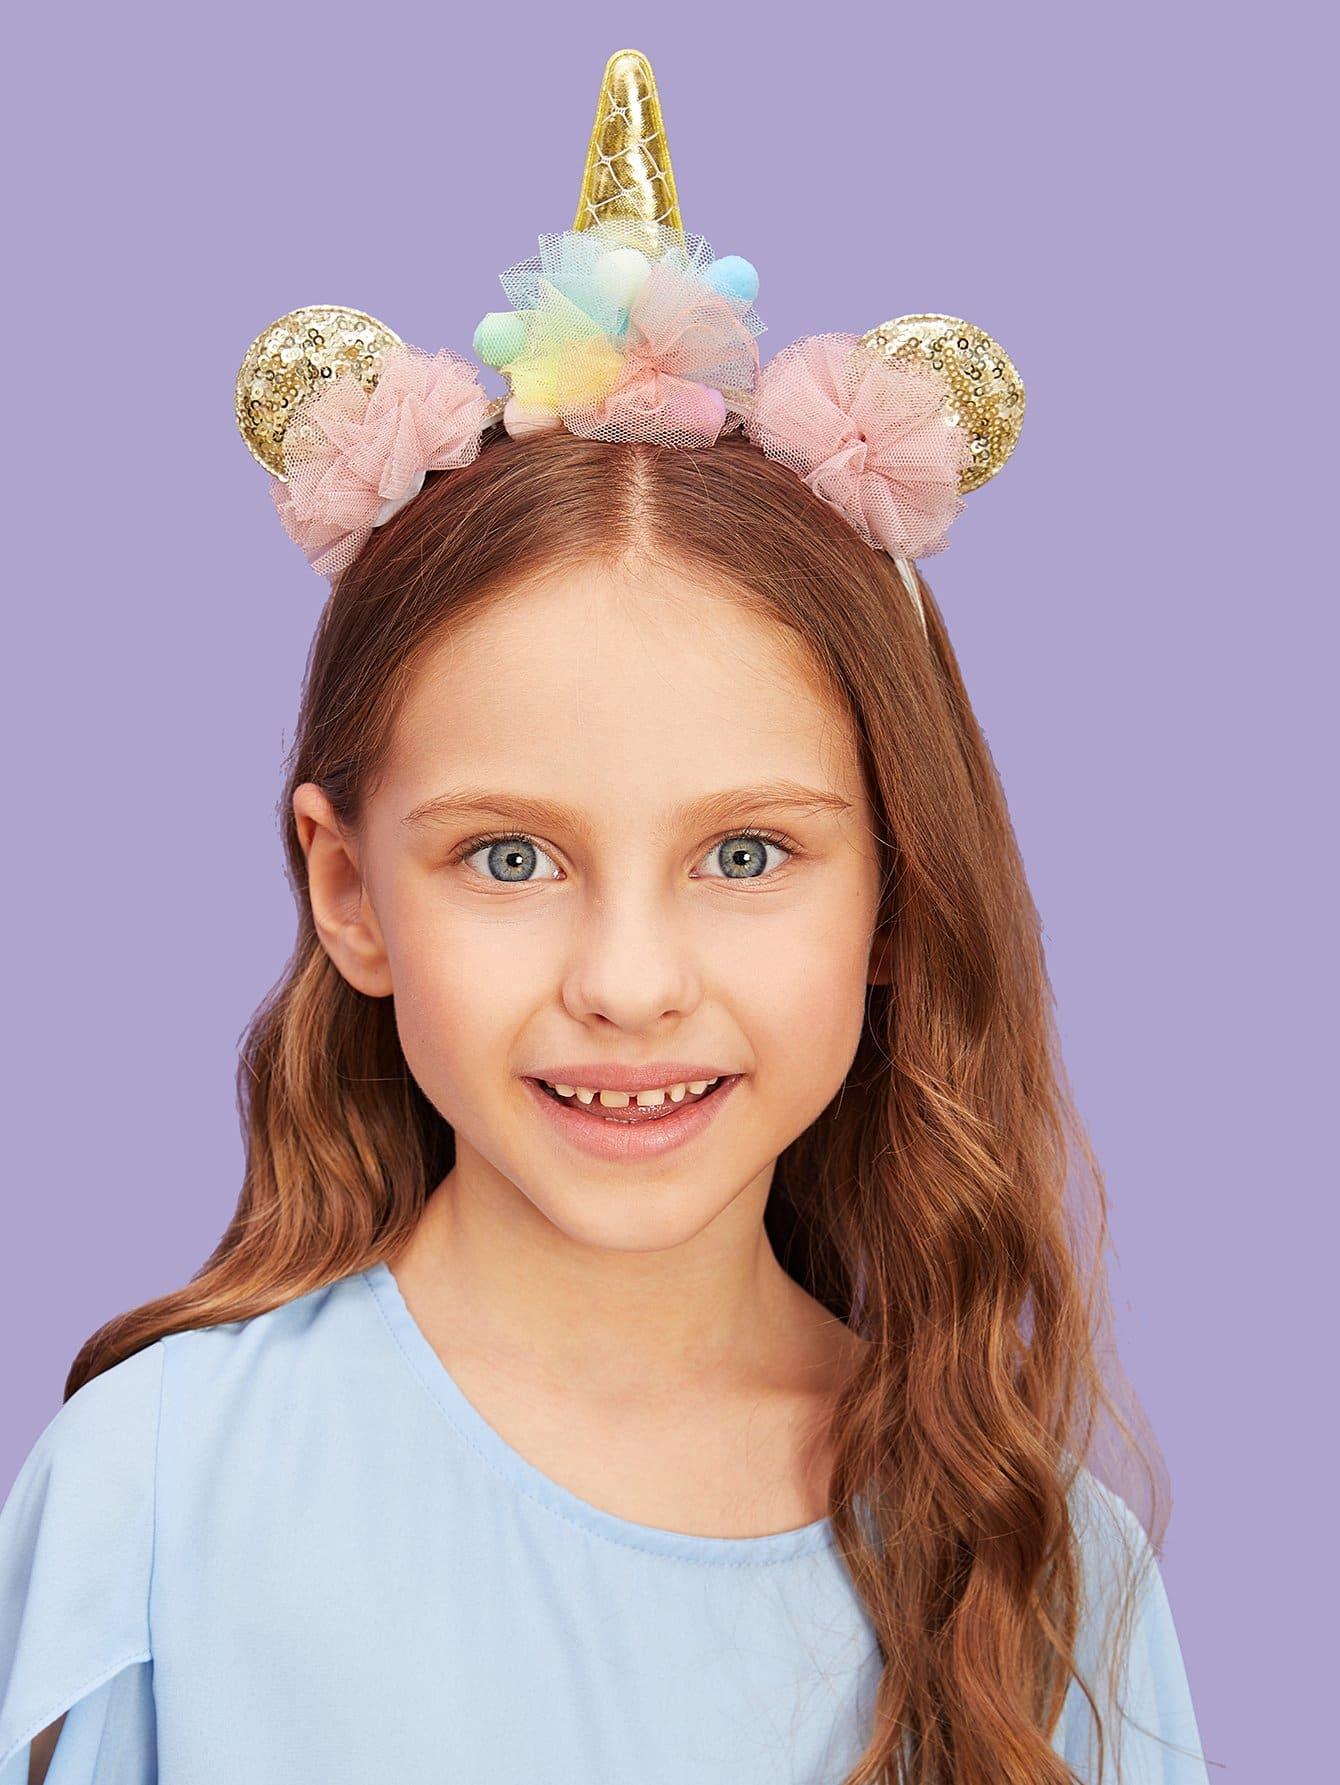 Купить Сетчатый ободок для волос и с украшением уха фольги для девочки, null, SheIn